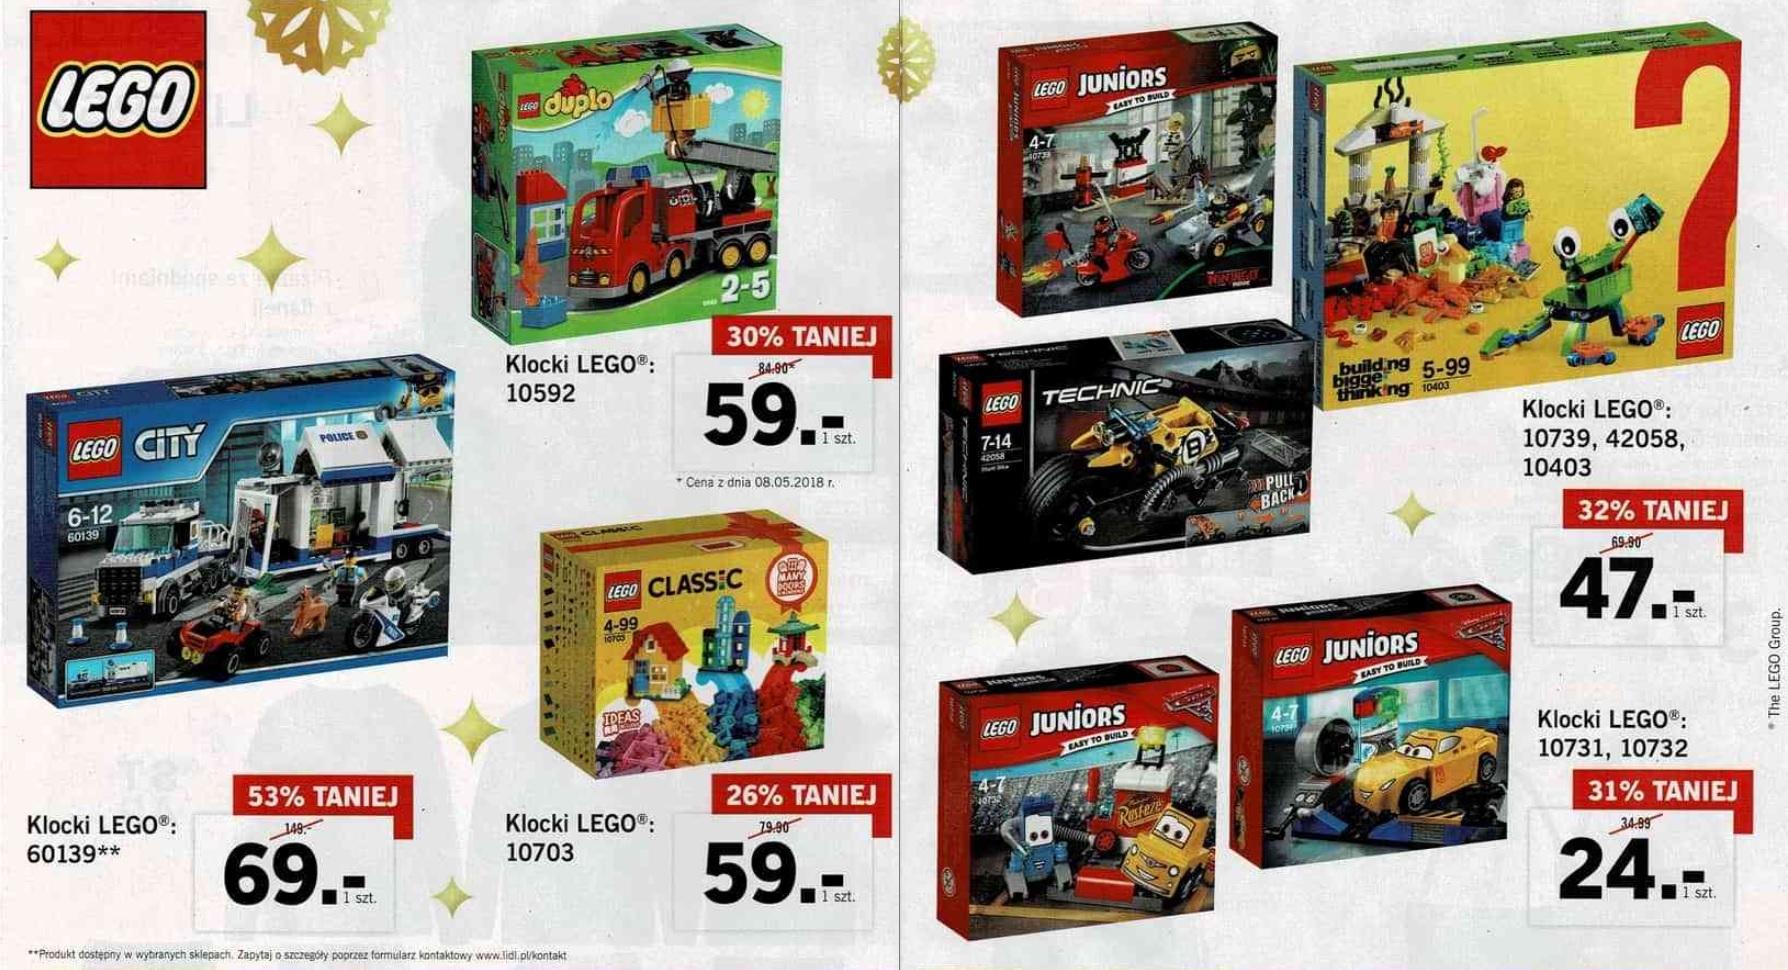 Klocki Lego do 53% taniej @ Lidl